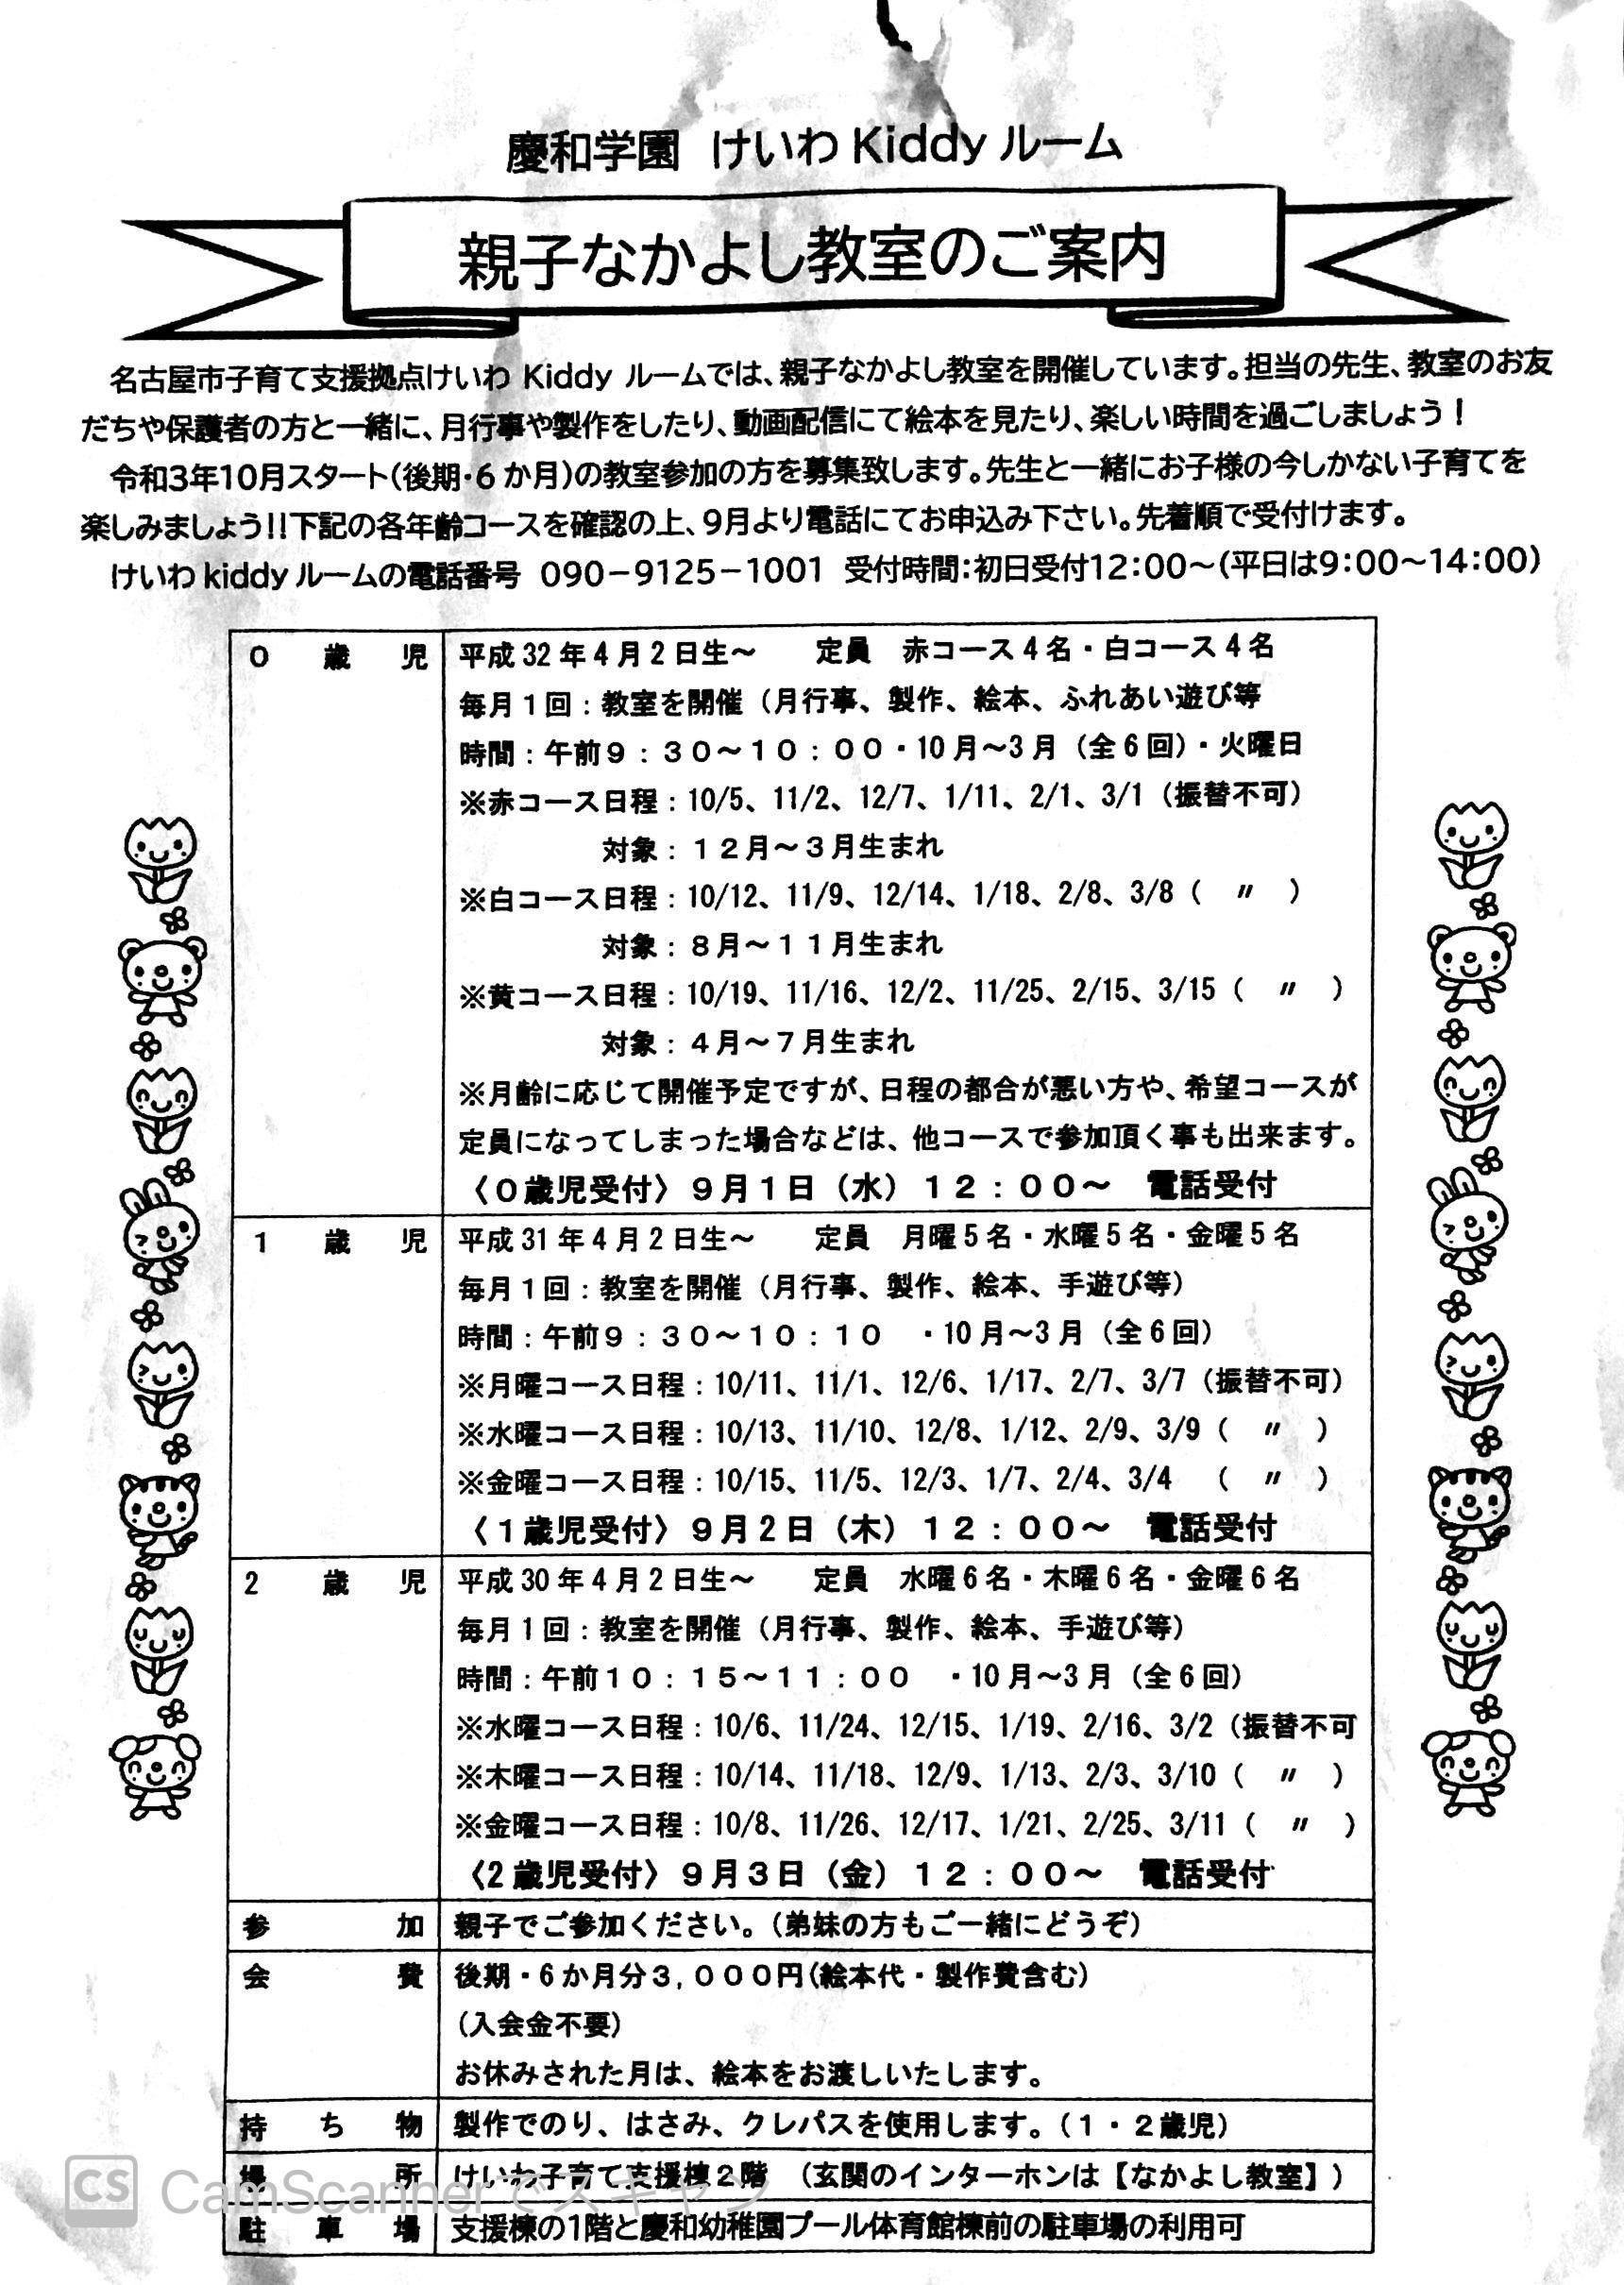 82C23A3C-DDCF-4222-BD8F-984FA35F7DB1